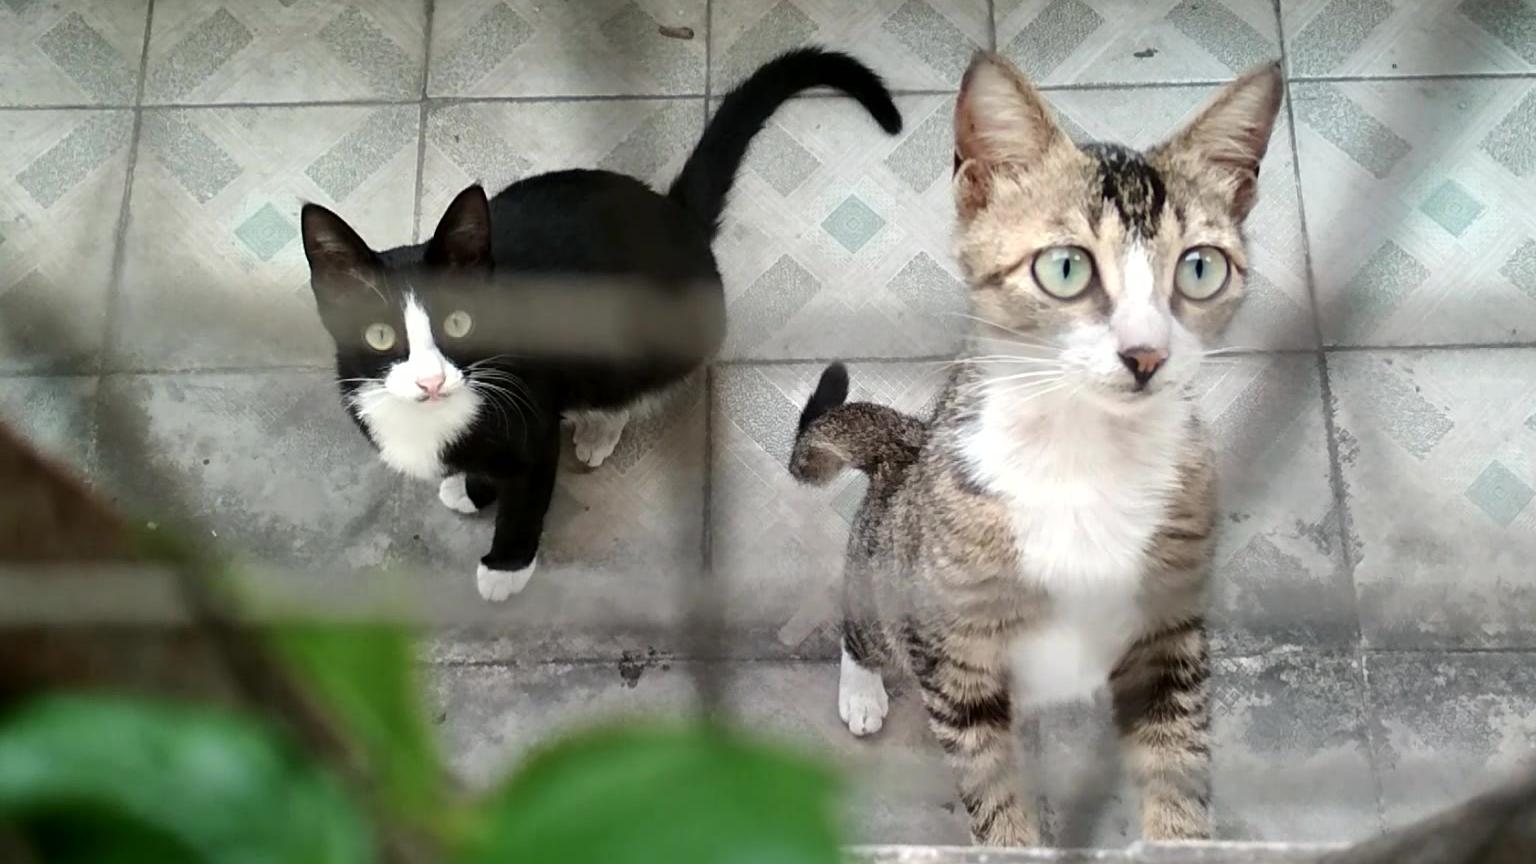 【猫vlog】看看我家的猫是什么神仙颜值呀!这谁顶得住啊